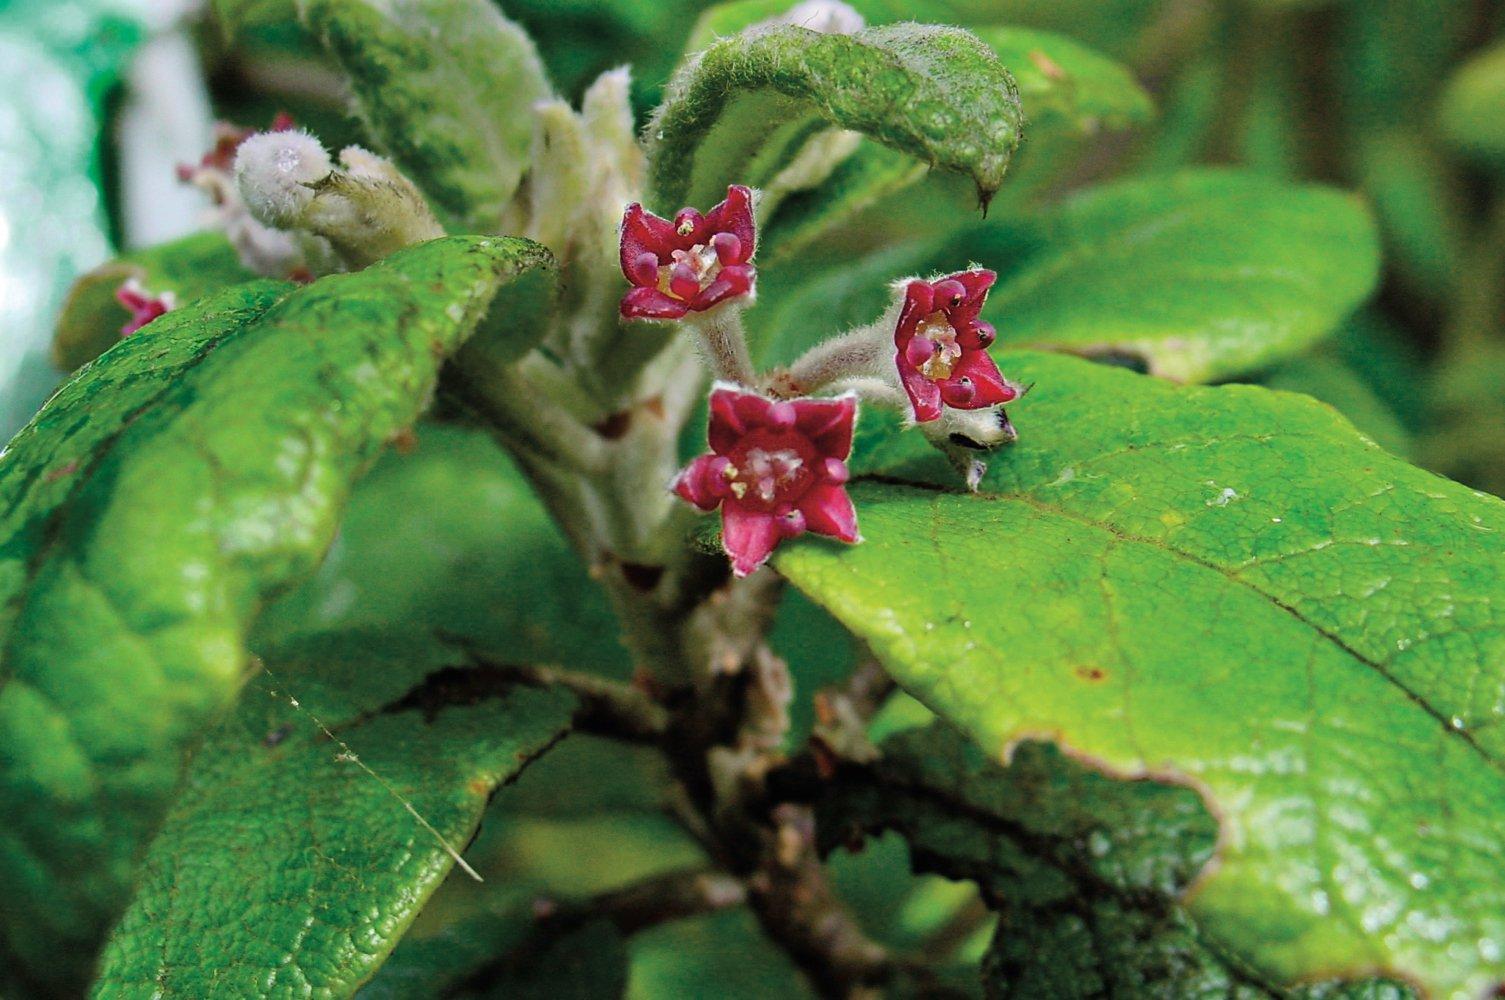 Флора, яку ми втратили: сотні рослин вимерли, якими будуть наслідки вчені не беруться судити - рослини, біорізноманіття - 23 roslyny